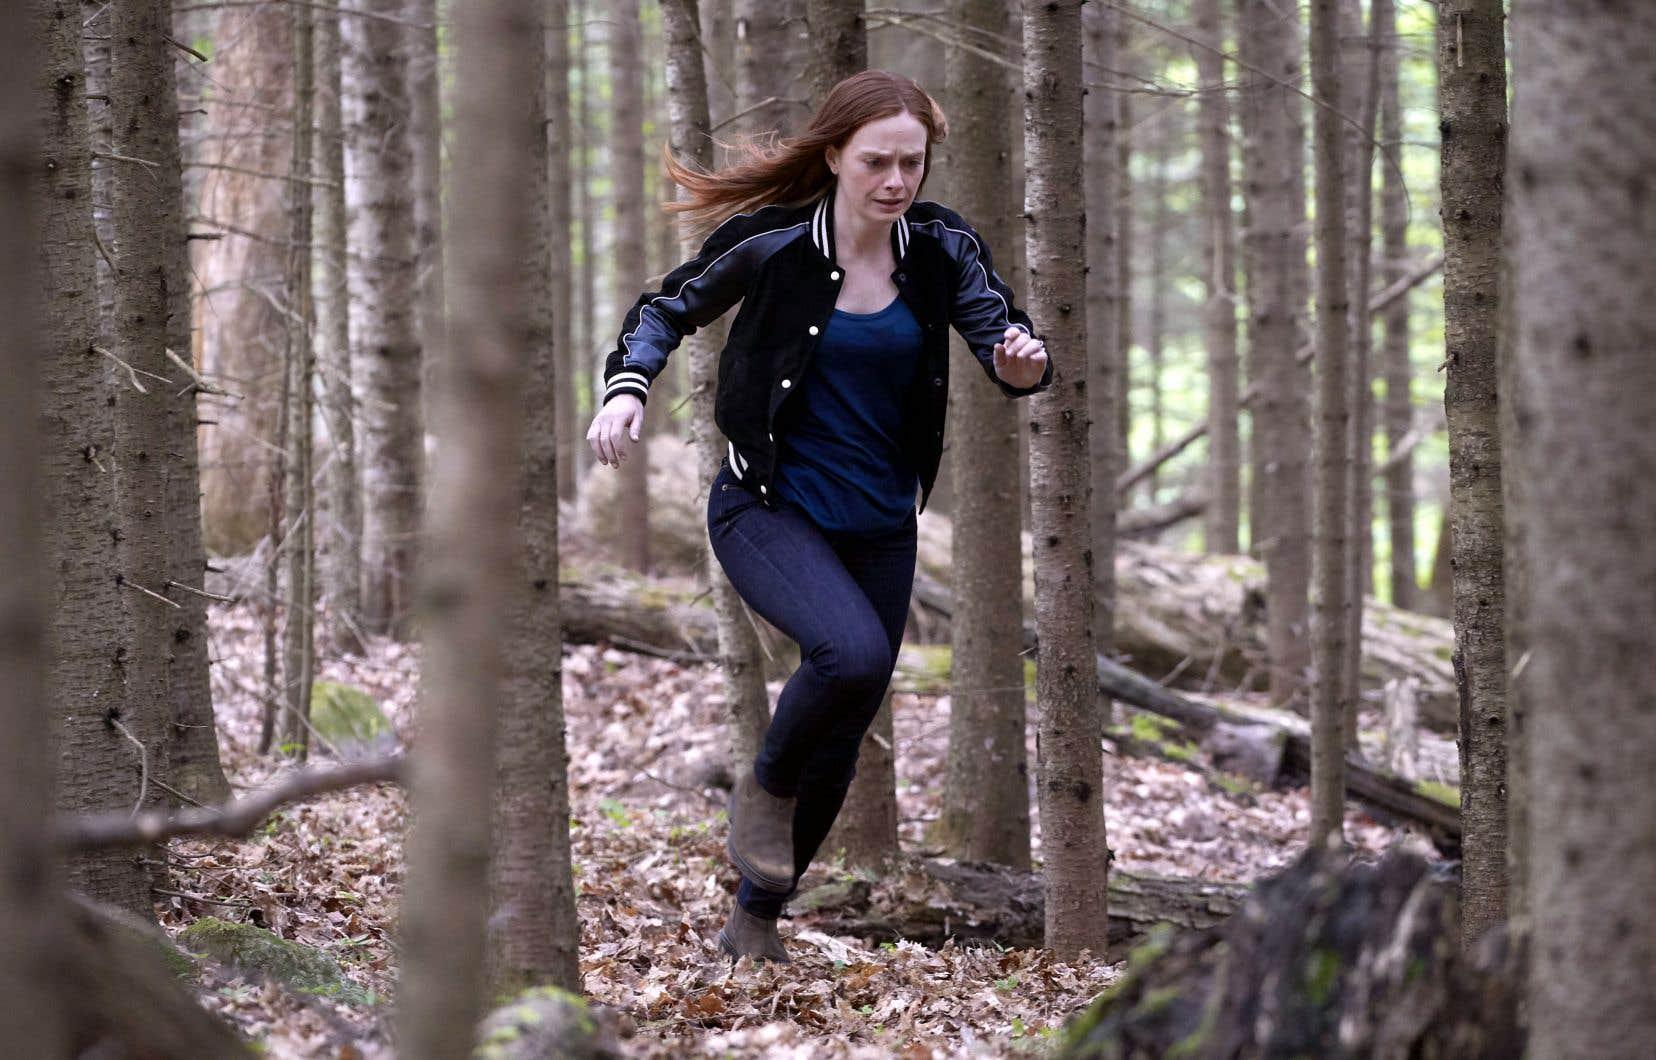 Quand l'inconnue amnésique — une belle rousse qui sera surnommée Red — est retrouvée, elle a le visage ravagé par des piqûres.